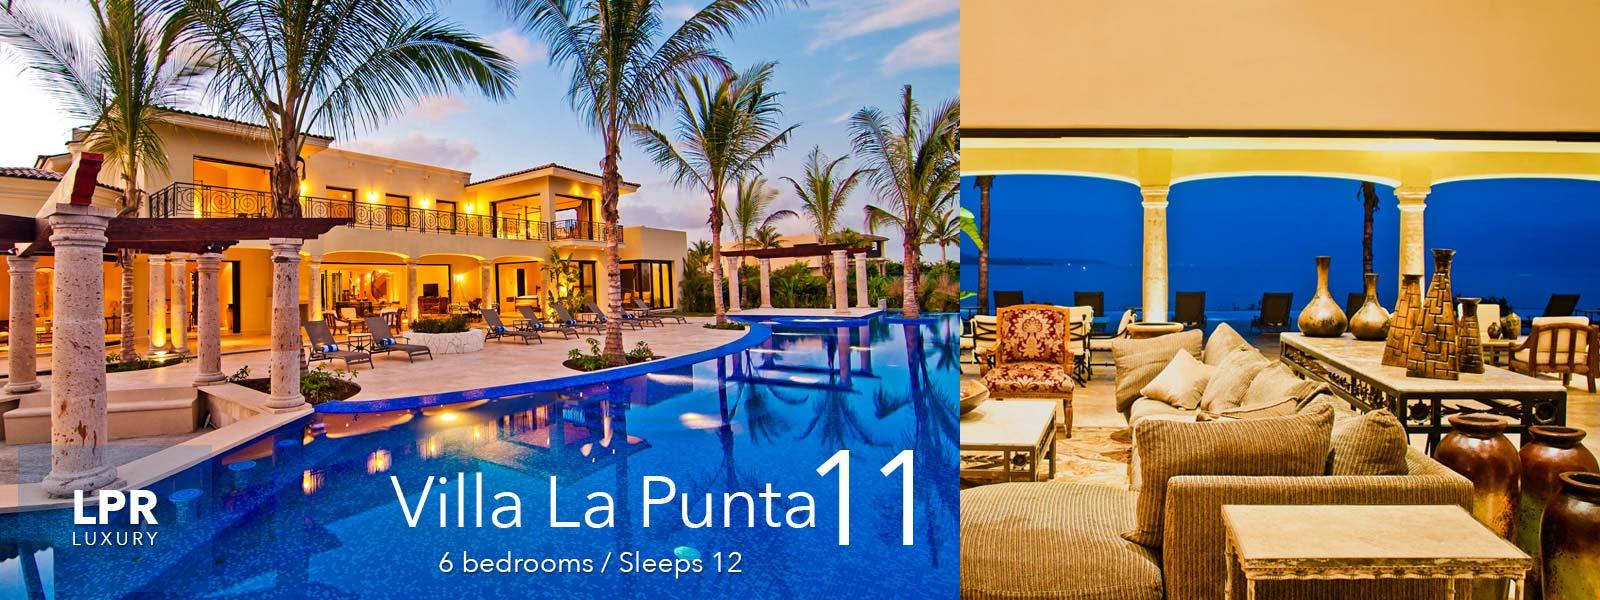 Villa la Punta 11 - Luxury Vacation Rental Villa for sale at the Punta Mita Resort, Mexico